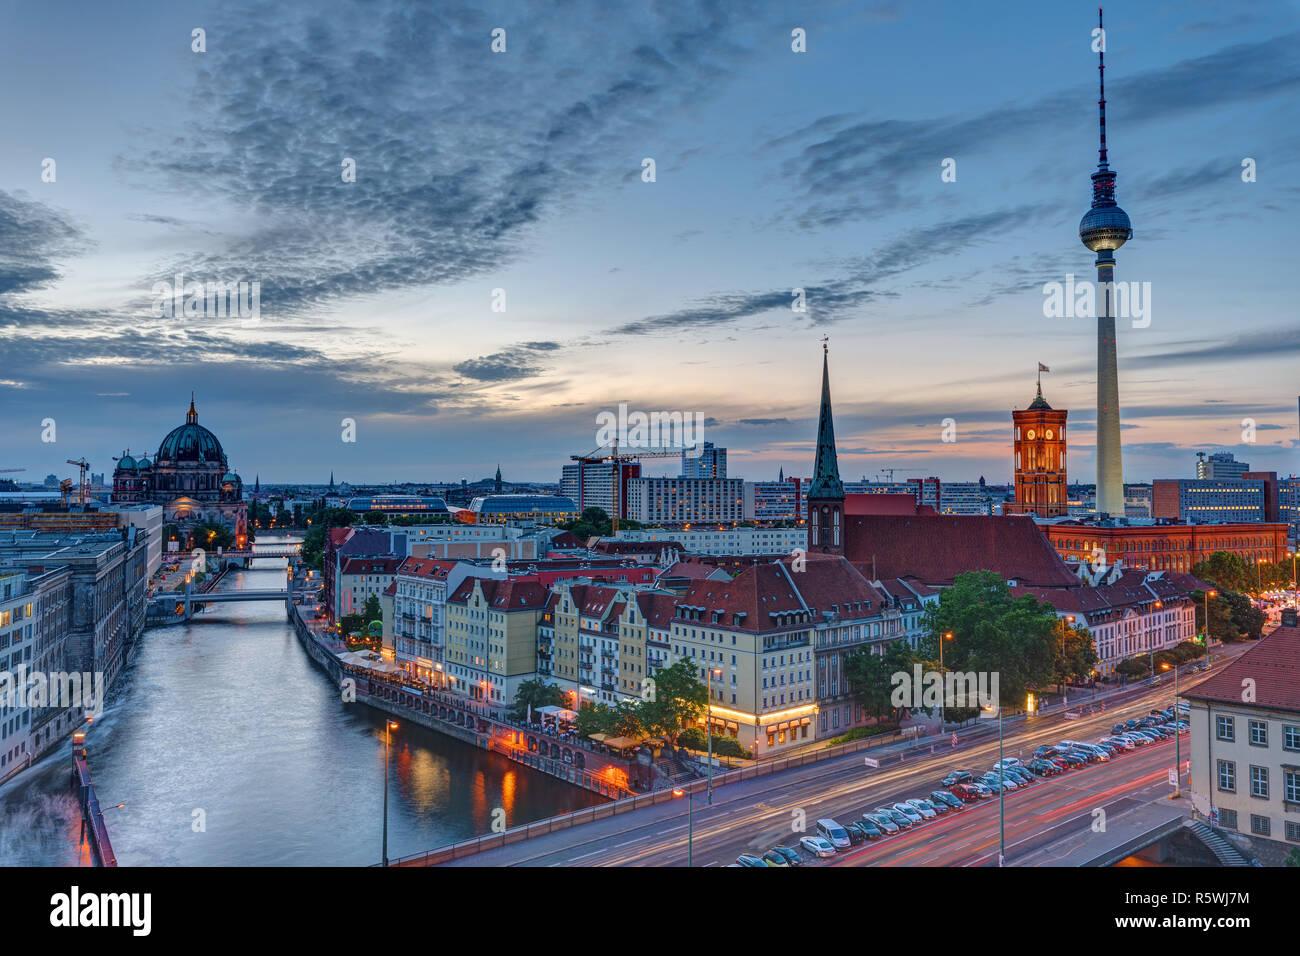 Die Berliner Innenstadt mit dem berühmten Fernsehturm in der Abenddämmerung Stock Photo